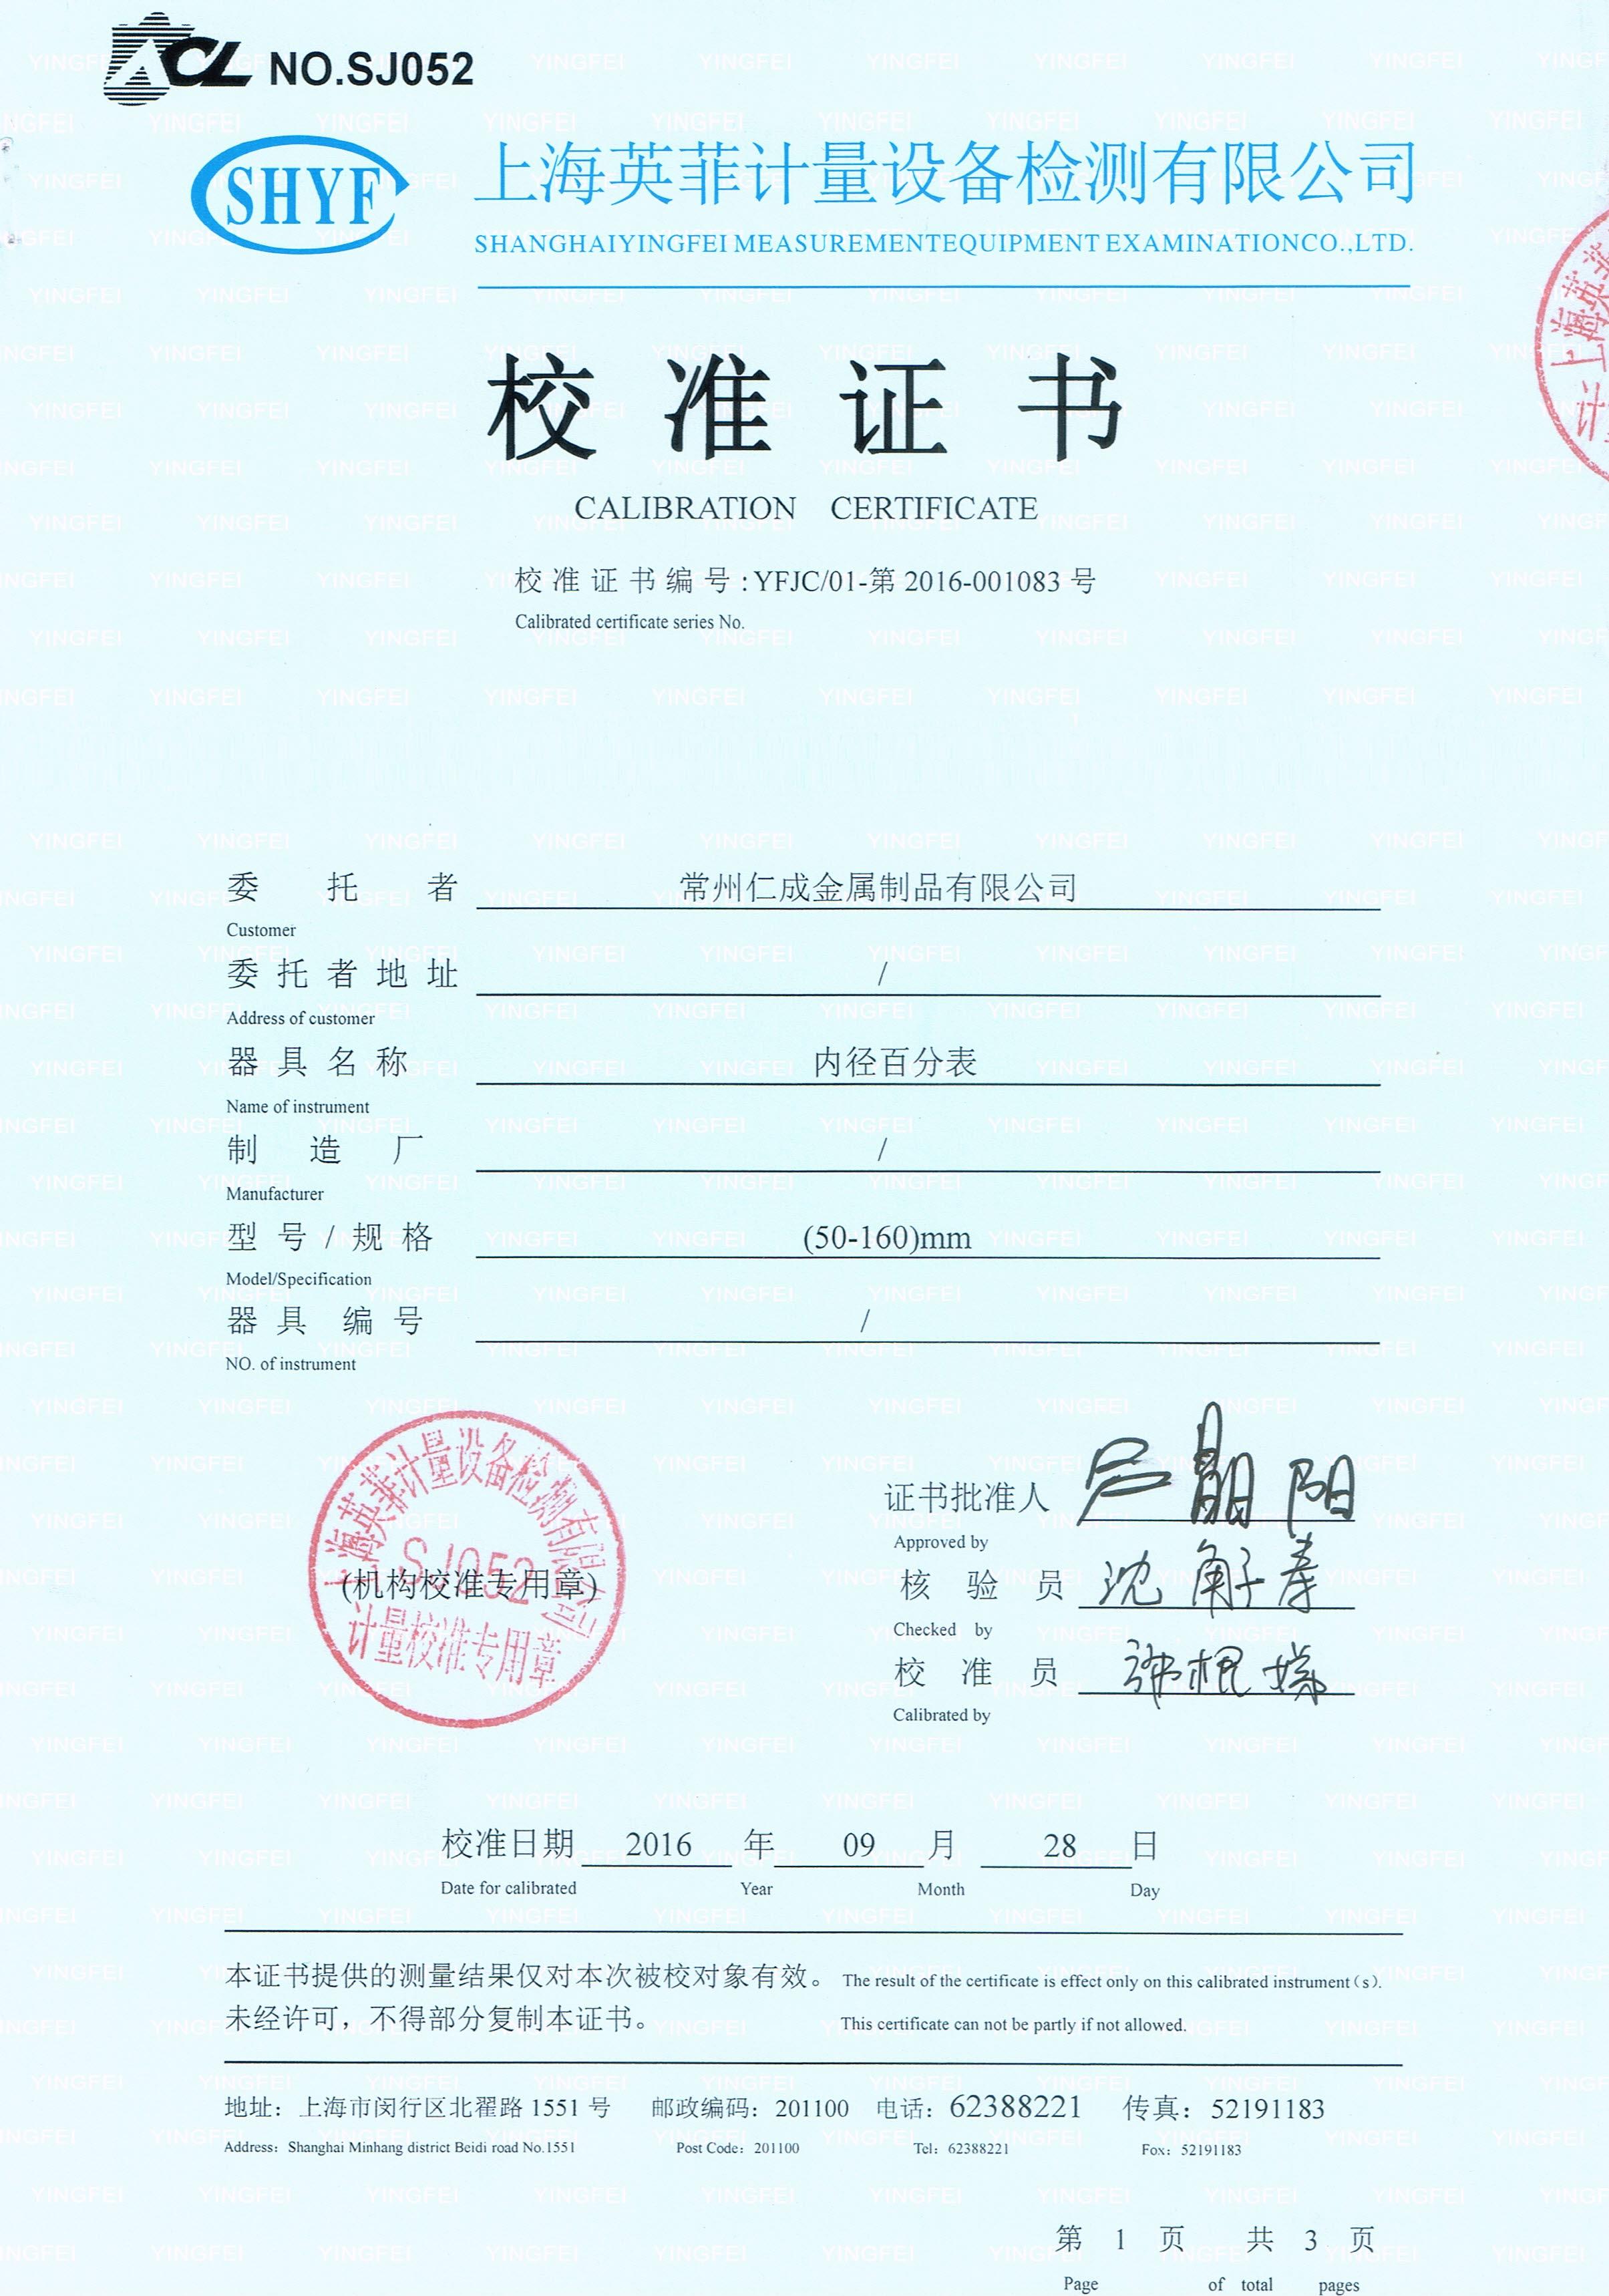 精密钢管用内径百分表校准证书